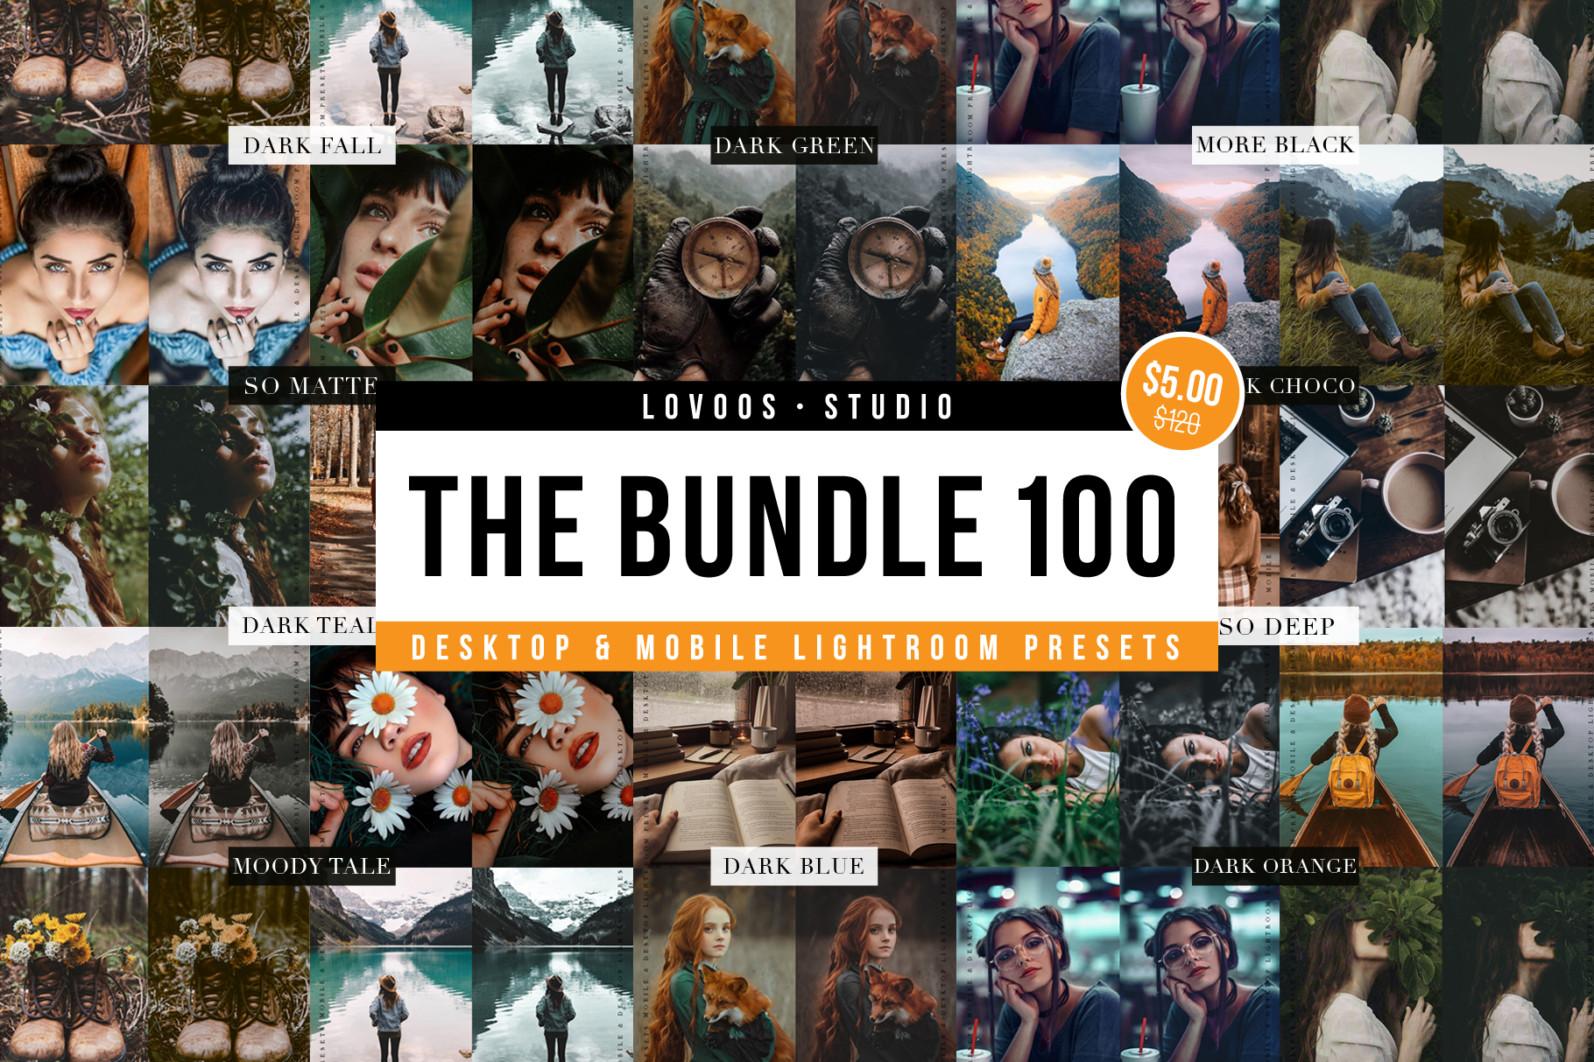 THE BUNDLE 100 - Lightroom Presets - NEW UP COVER 04 -